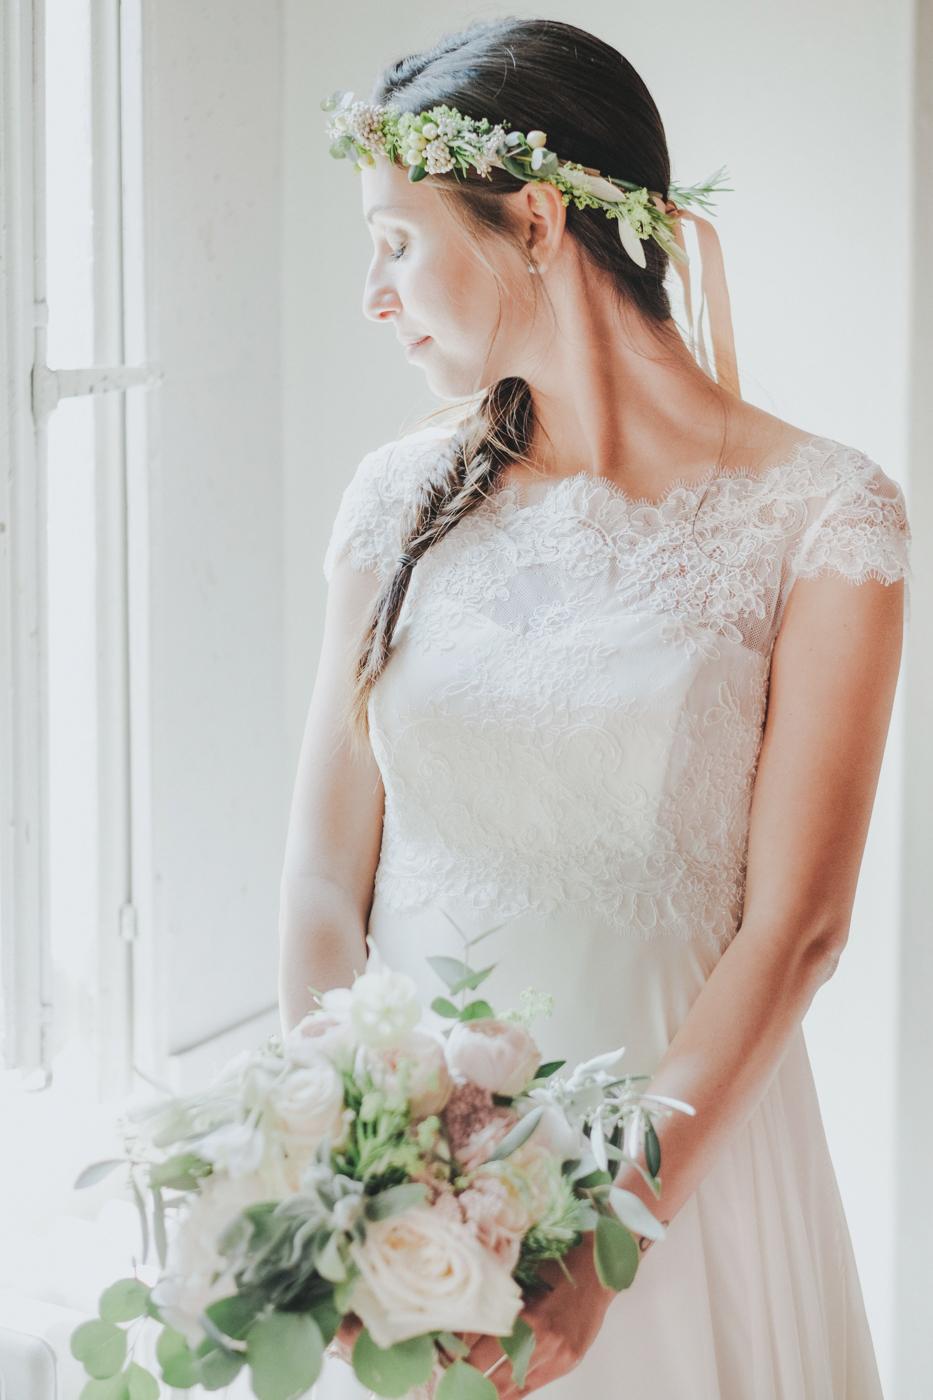 fotografo matrimonio como-32.jpg